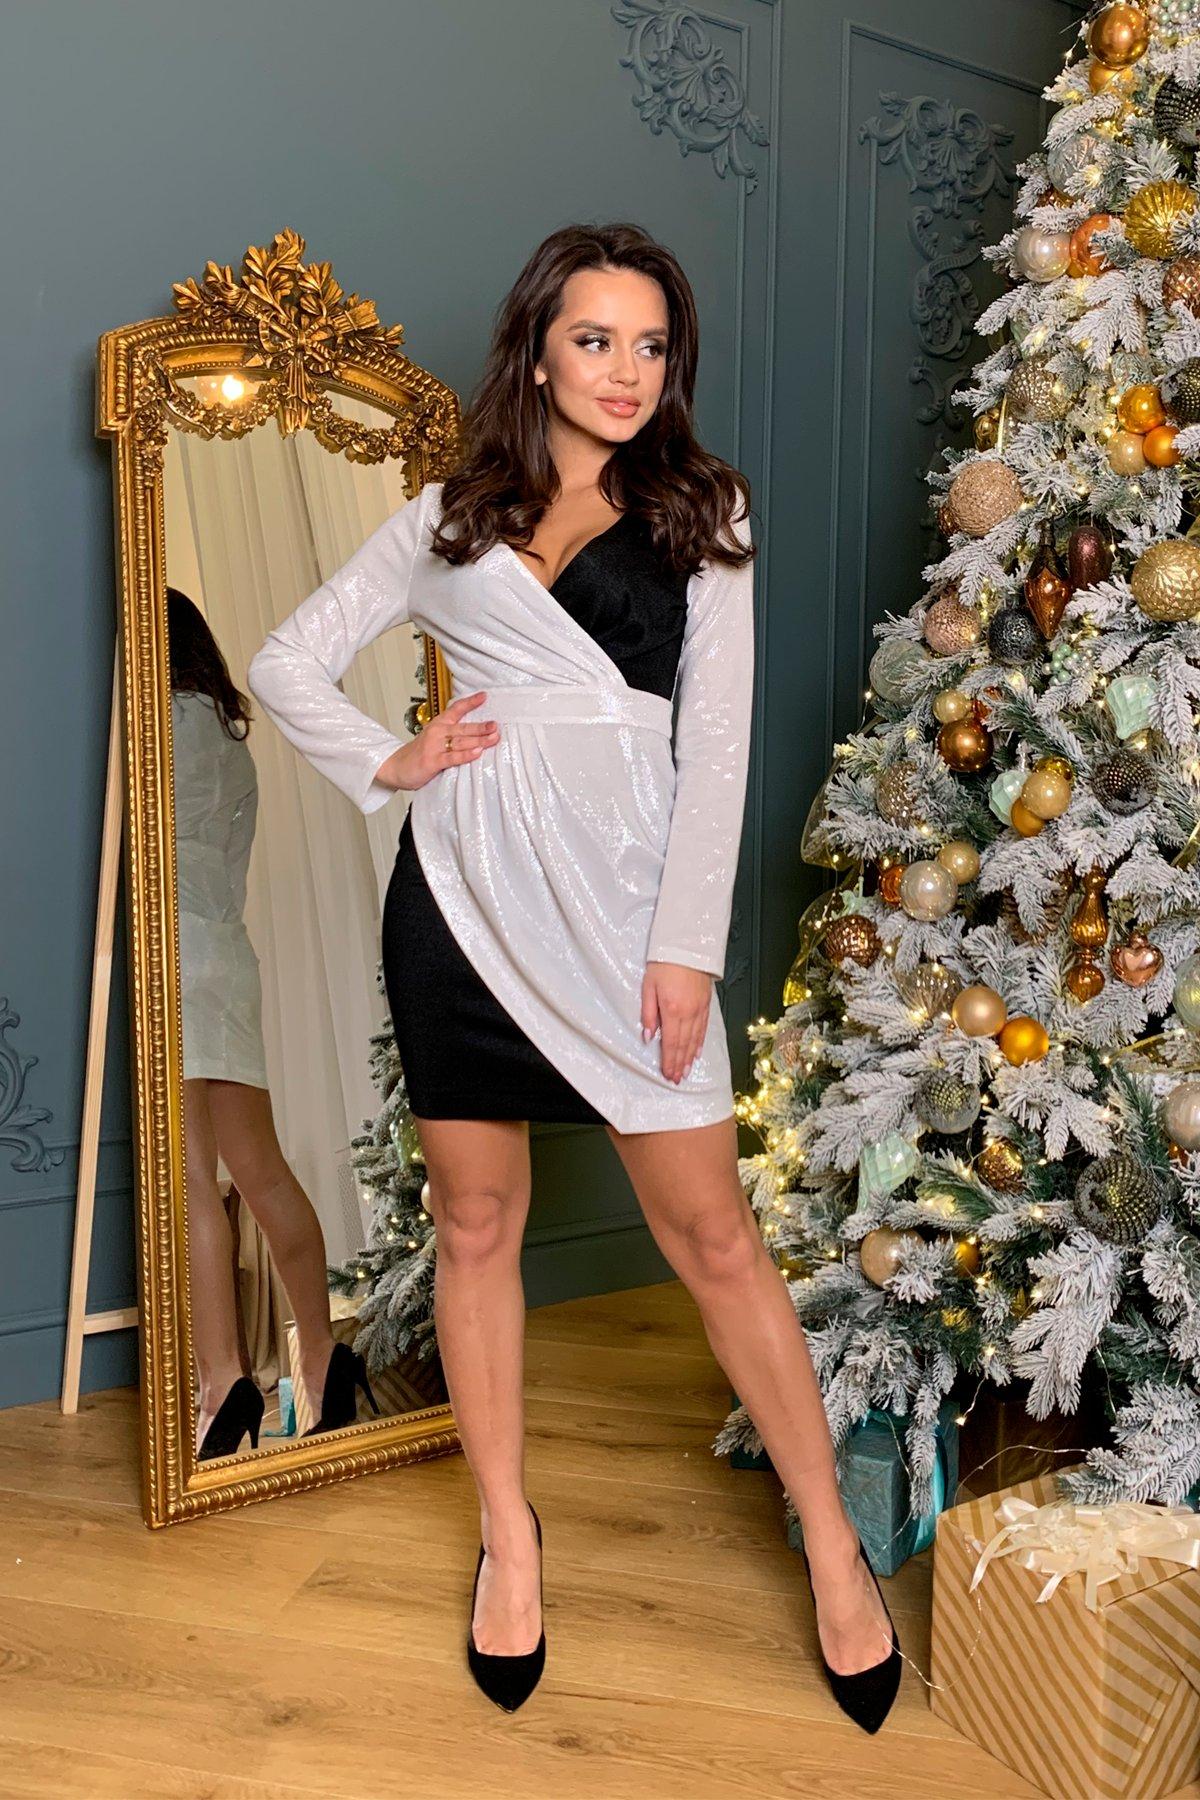 Контрастное двухцветное платье Блеск 8670 АРТ. 45001 Цвет: Серебро - фото 1, интернет магазин tm-modus.ru